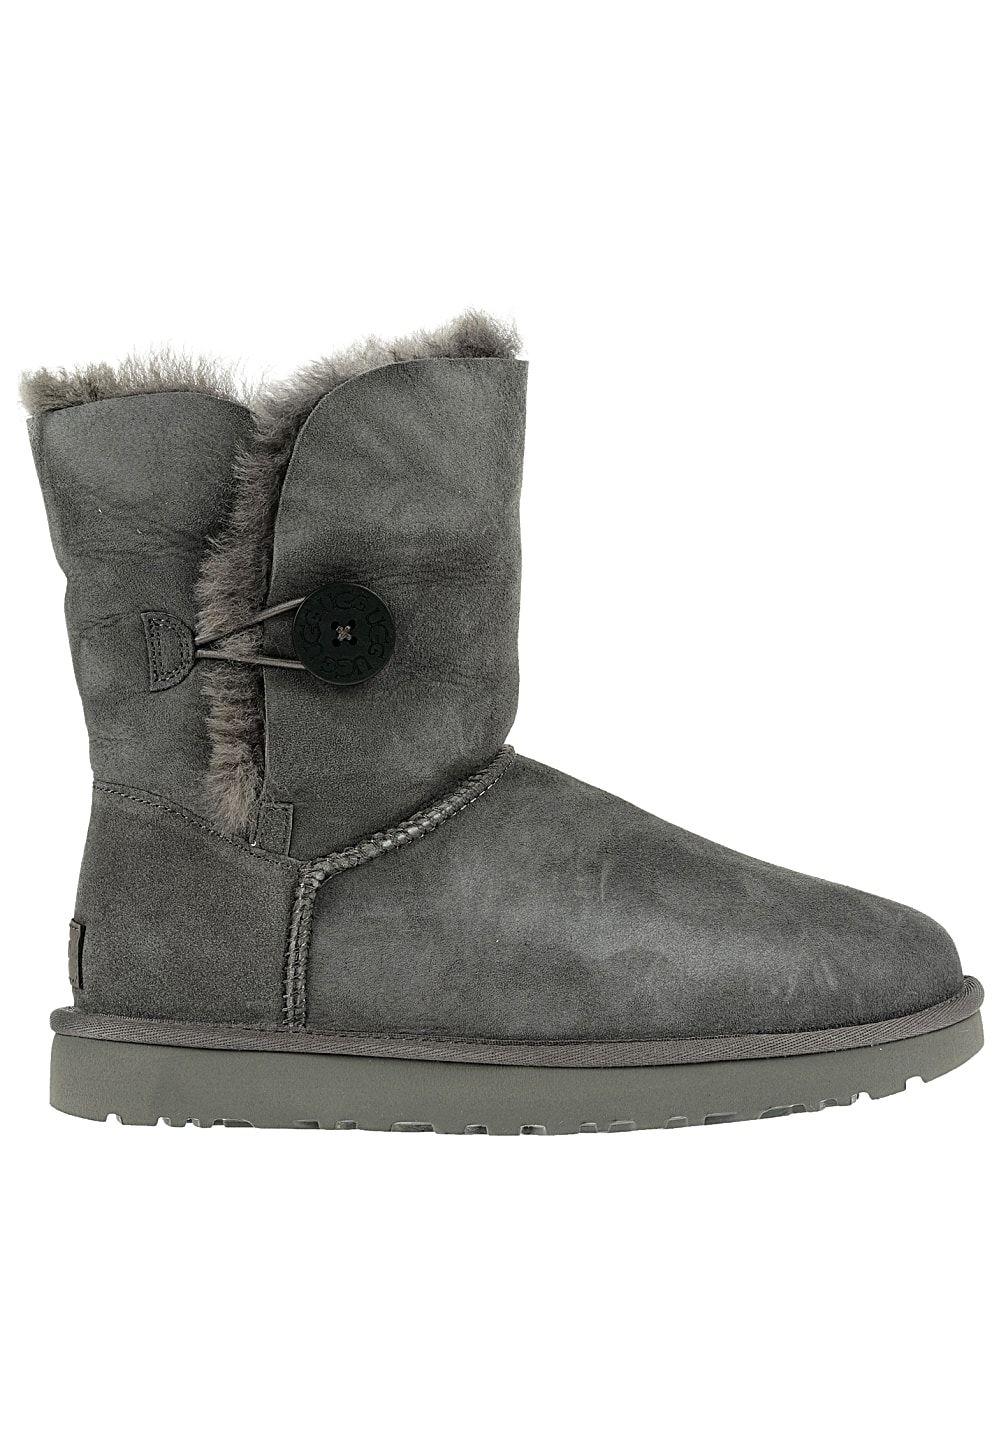 UGG Bailey Button II - Stiefel für Damen - Grau Jetzt bestellen unter:  https: